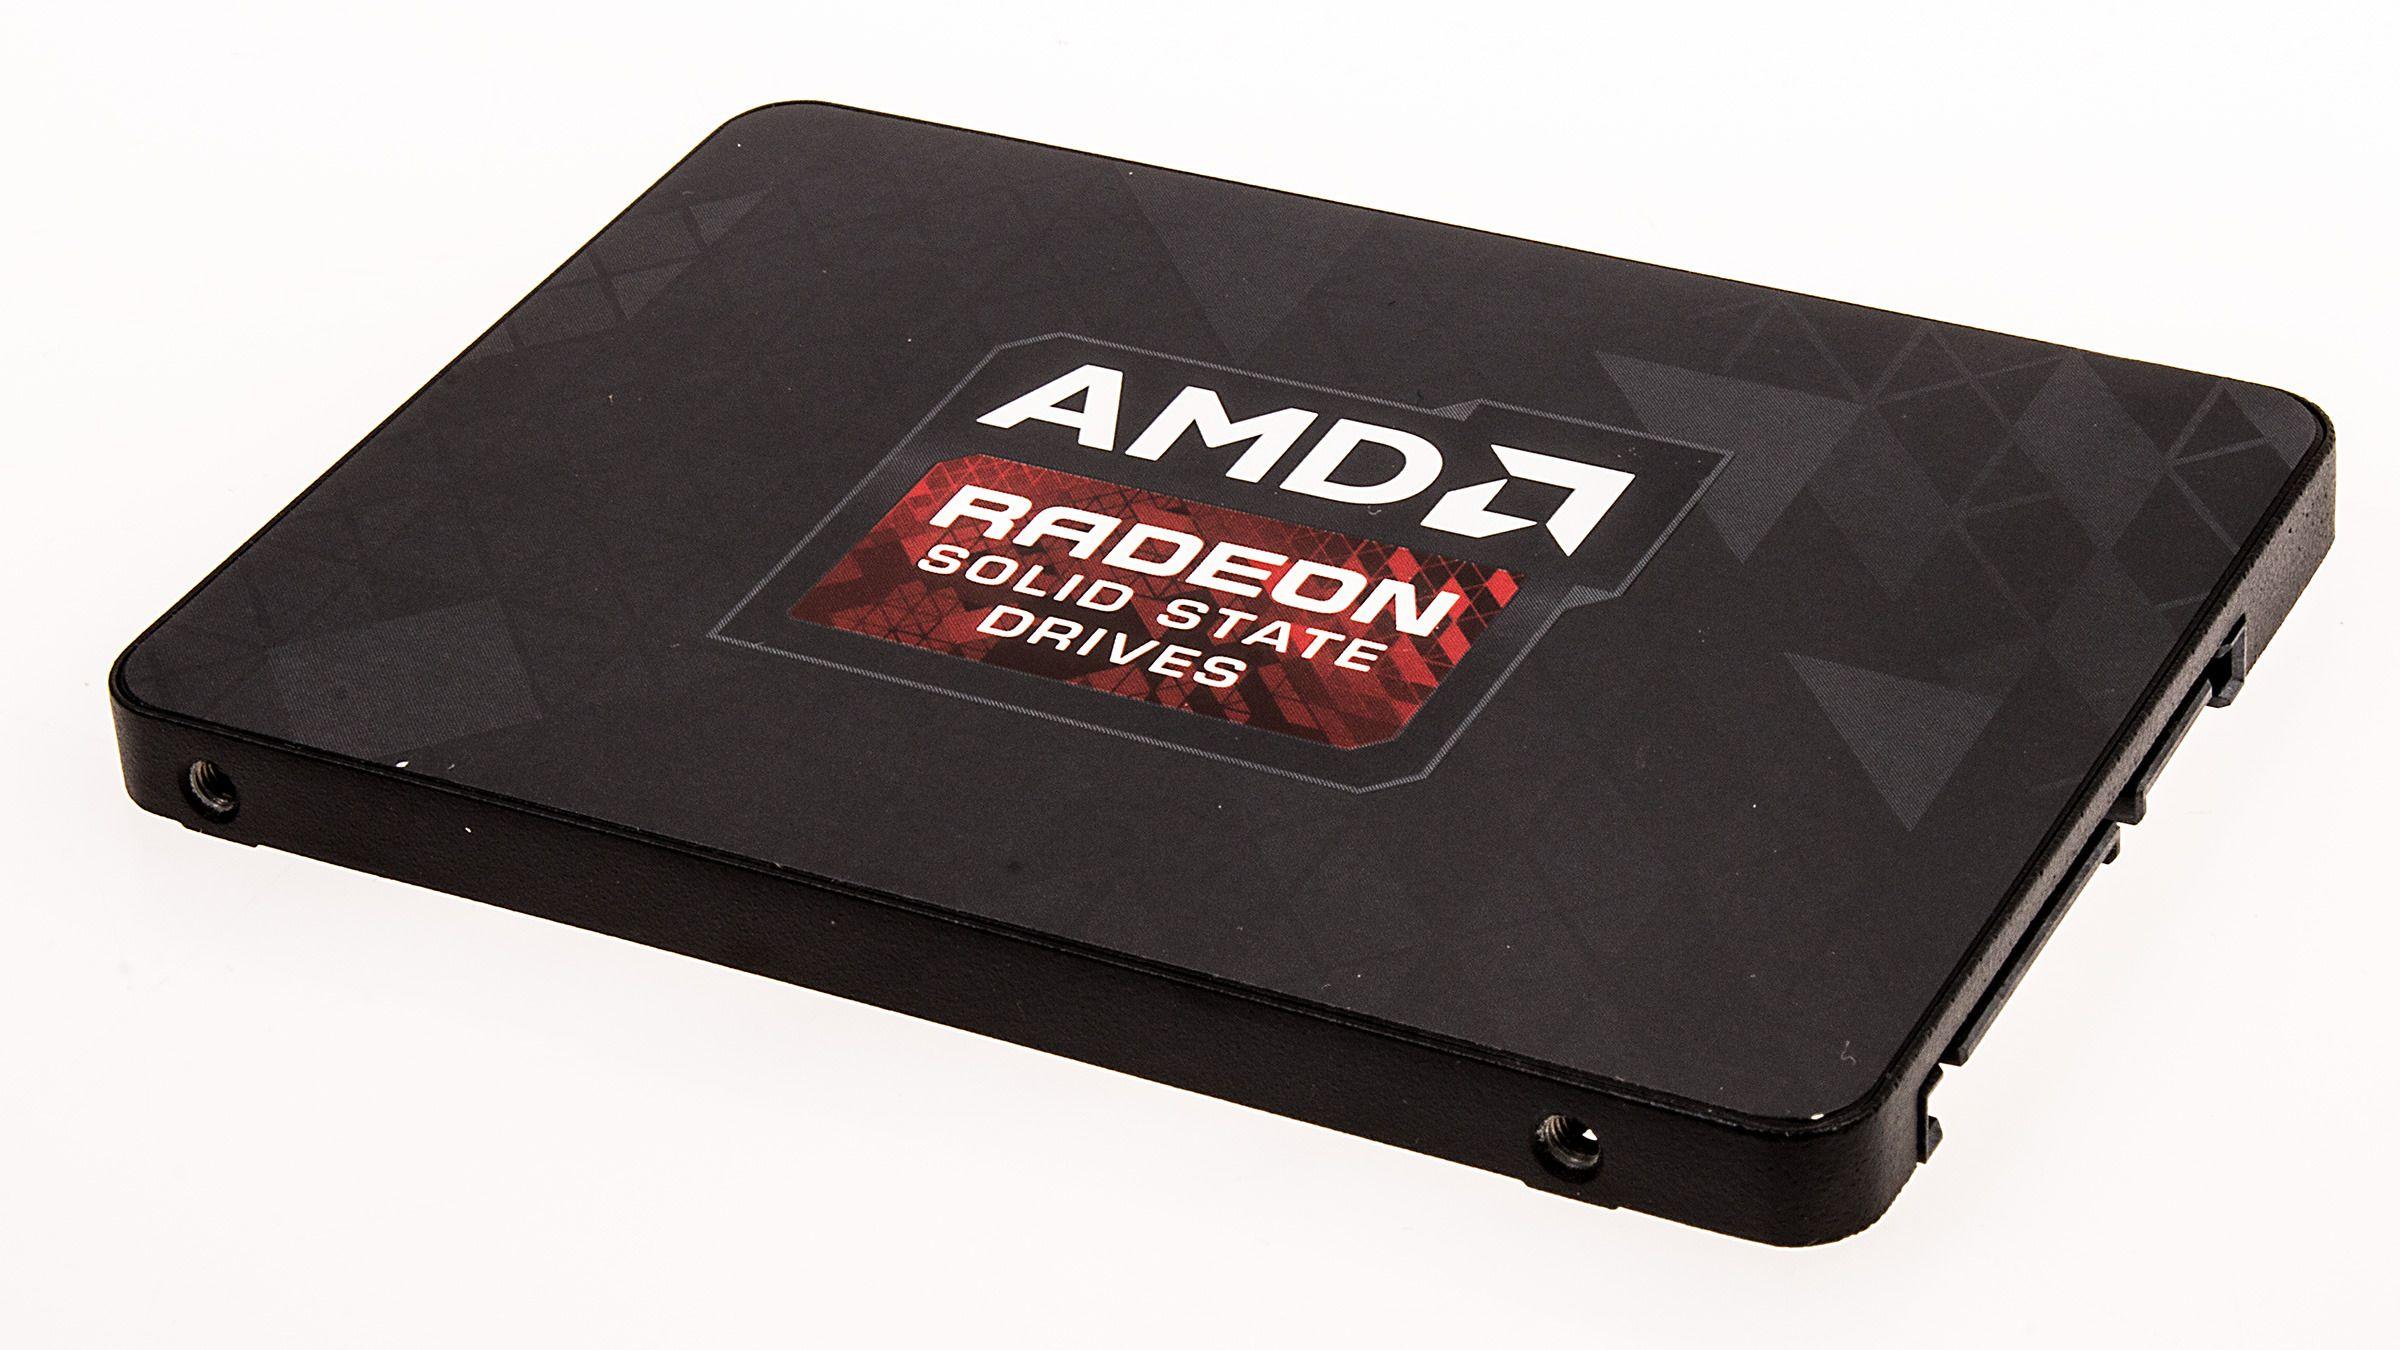 Radeon R7 SSD 240 GB.Foto: Varg Aamo, Hardware.no